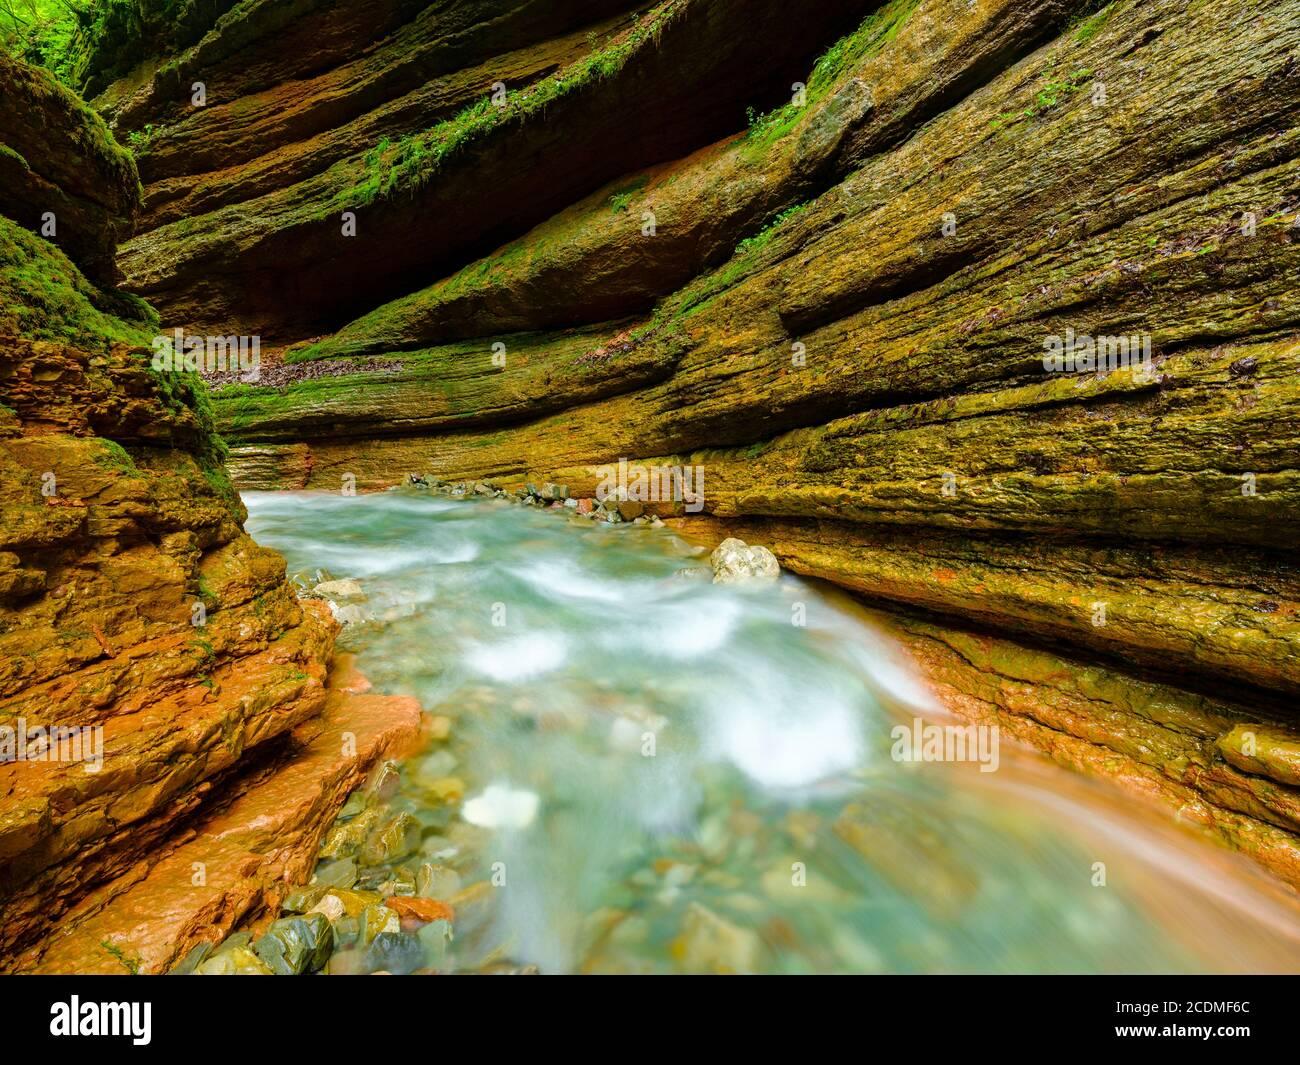 Gorge, arroyo, Taugl, Tauglbach, Tauglbachklamm, distrito de Hallein, Salzburgo, Austria Foto de stock